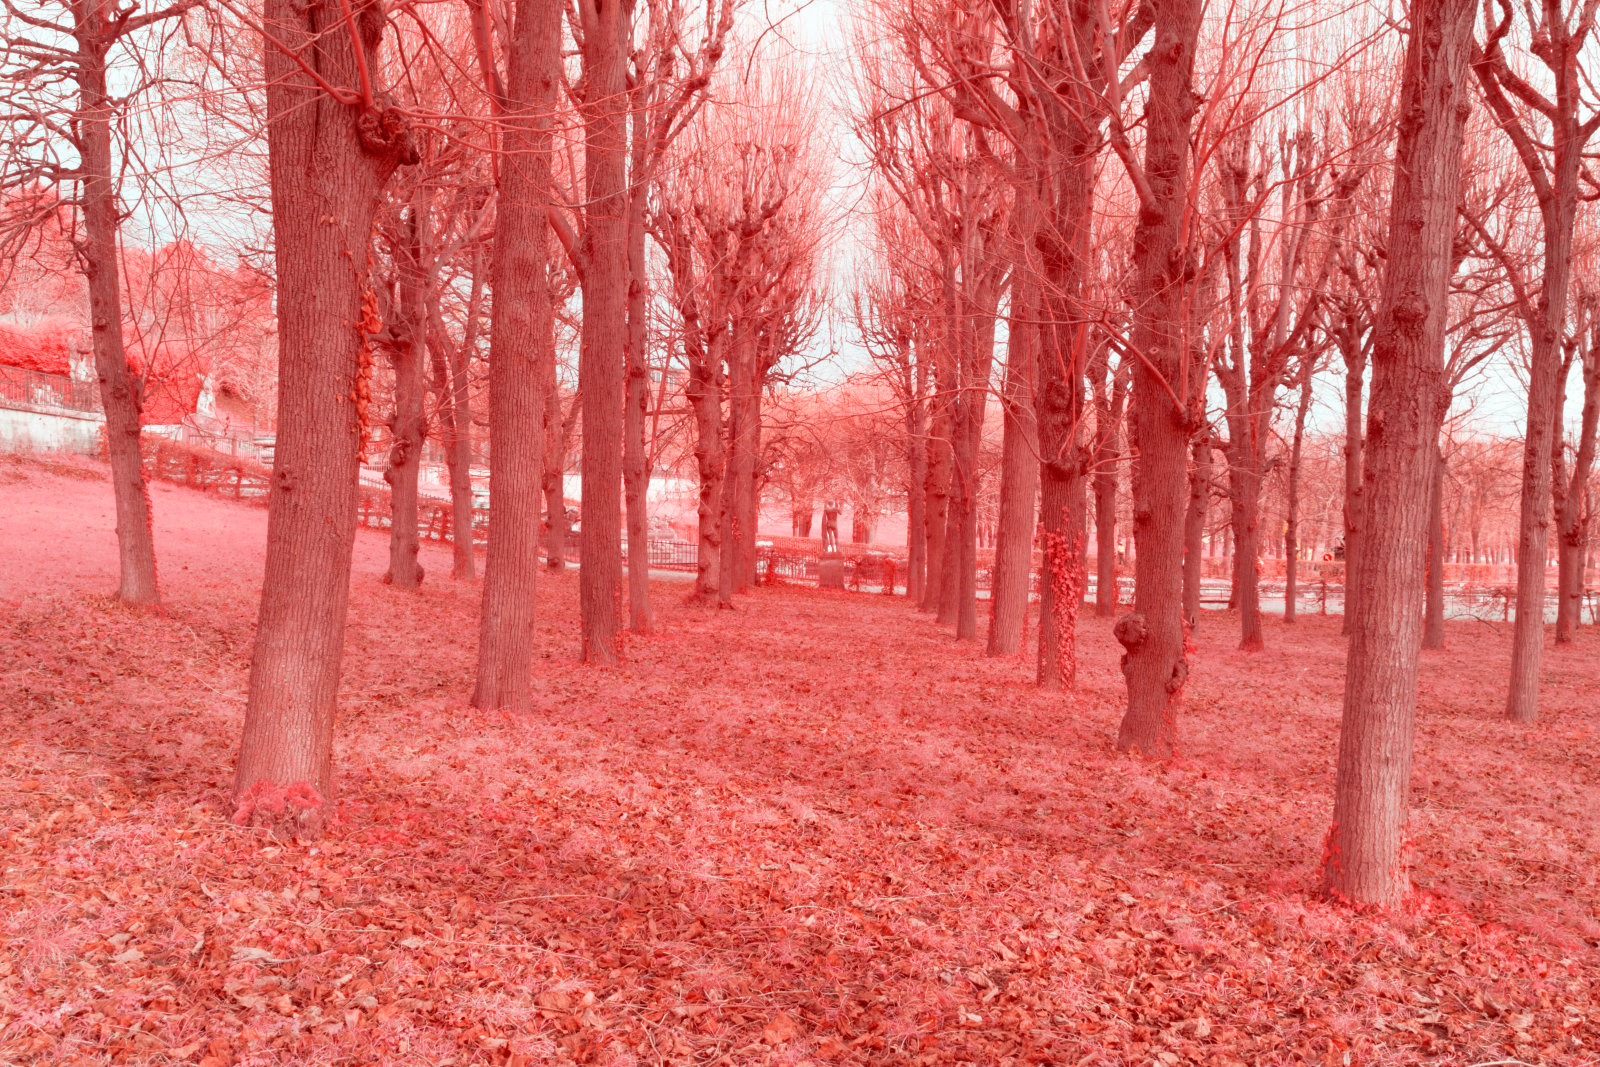 DETAILS 35mm F16 CANON | Pierre-Louis Ferrer | Test du Tamron SP 35 mm f/1.4 Di USD en photographie infrarouge | Partie 2